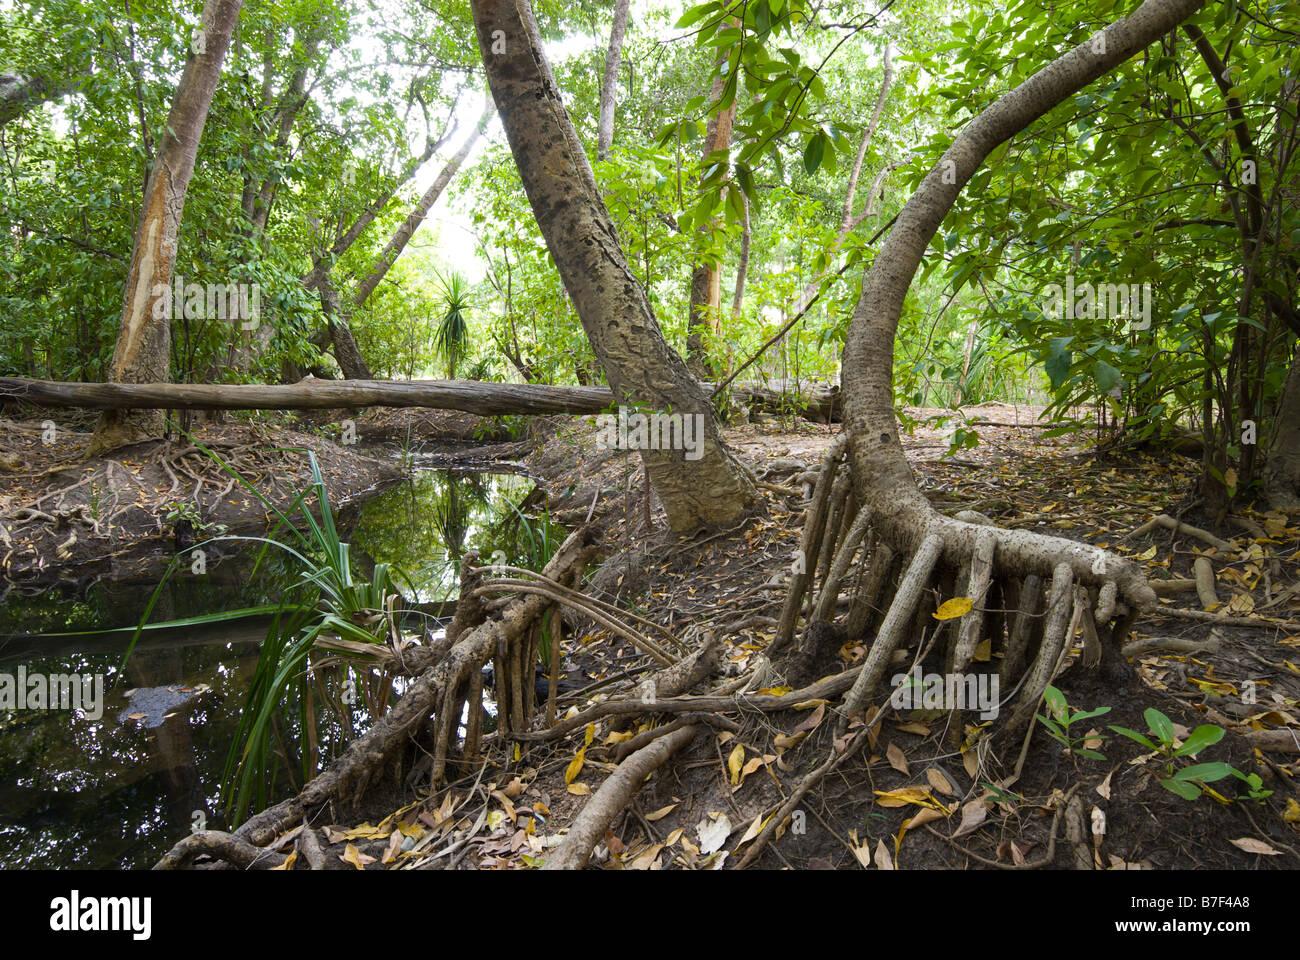 Raíces expuestas al comienzo de la estación seca en los bosques cerca de monzón en el Parque Nacional Kakadu Gunlom Foto de stock